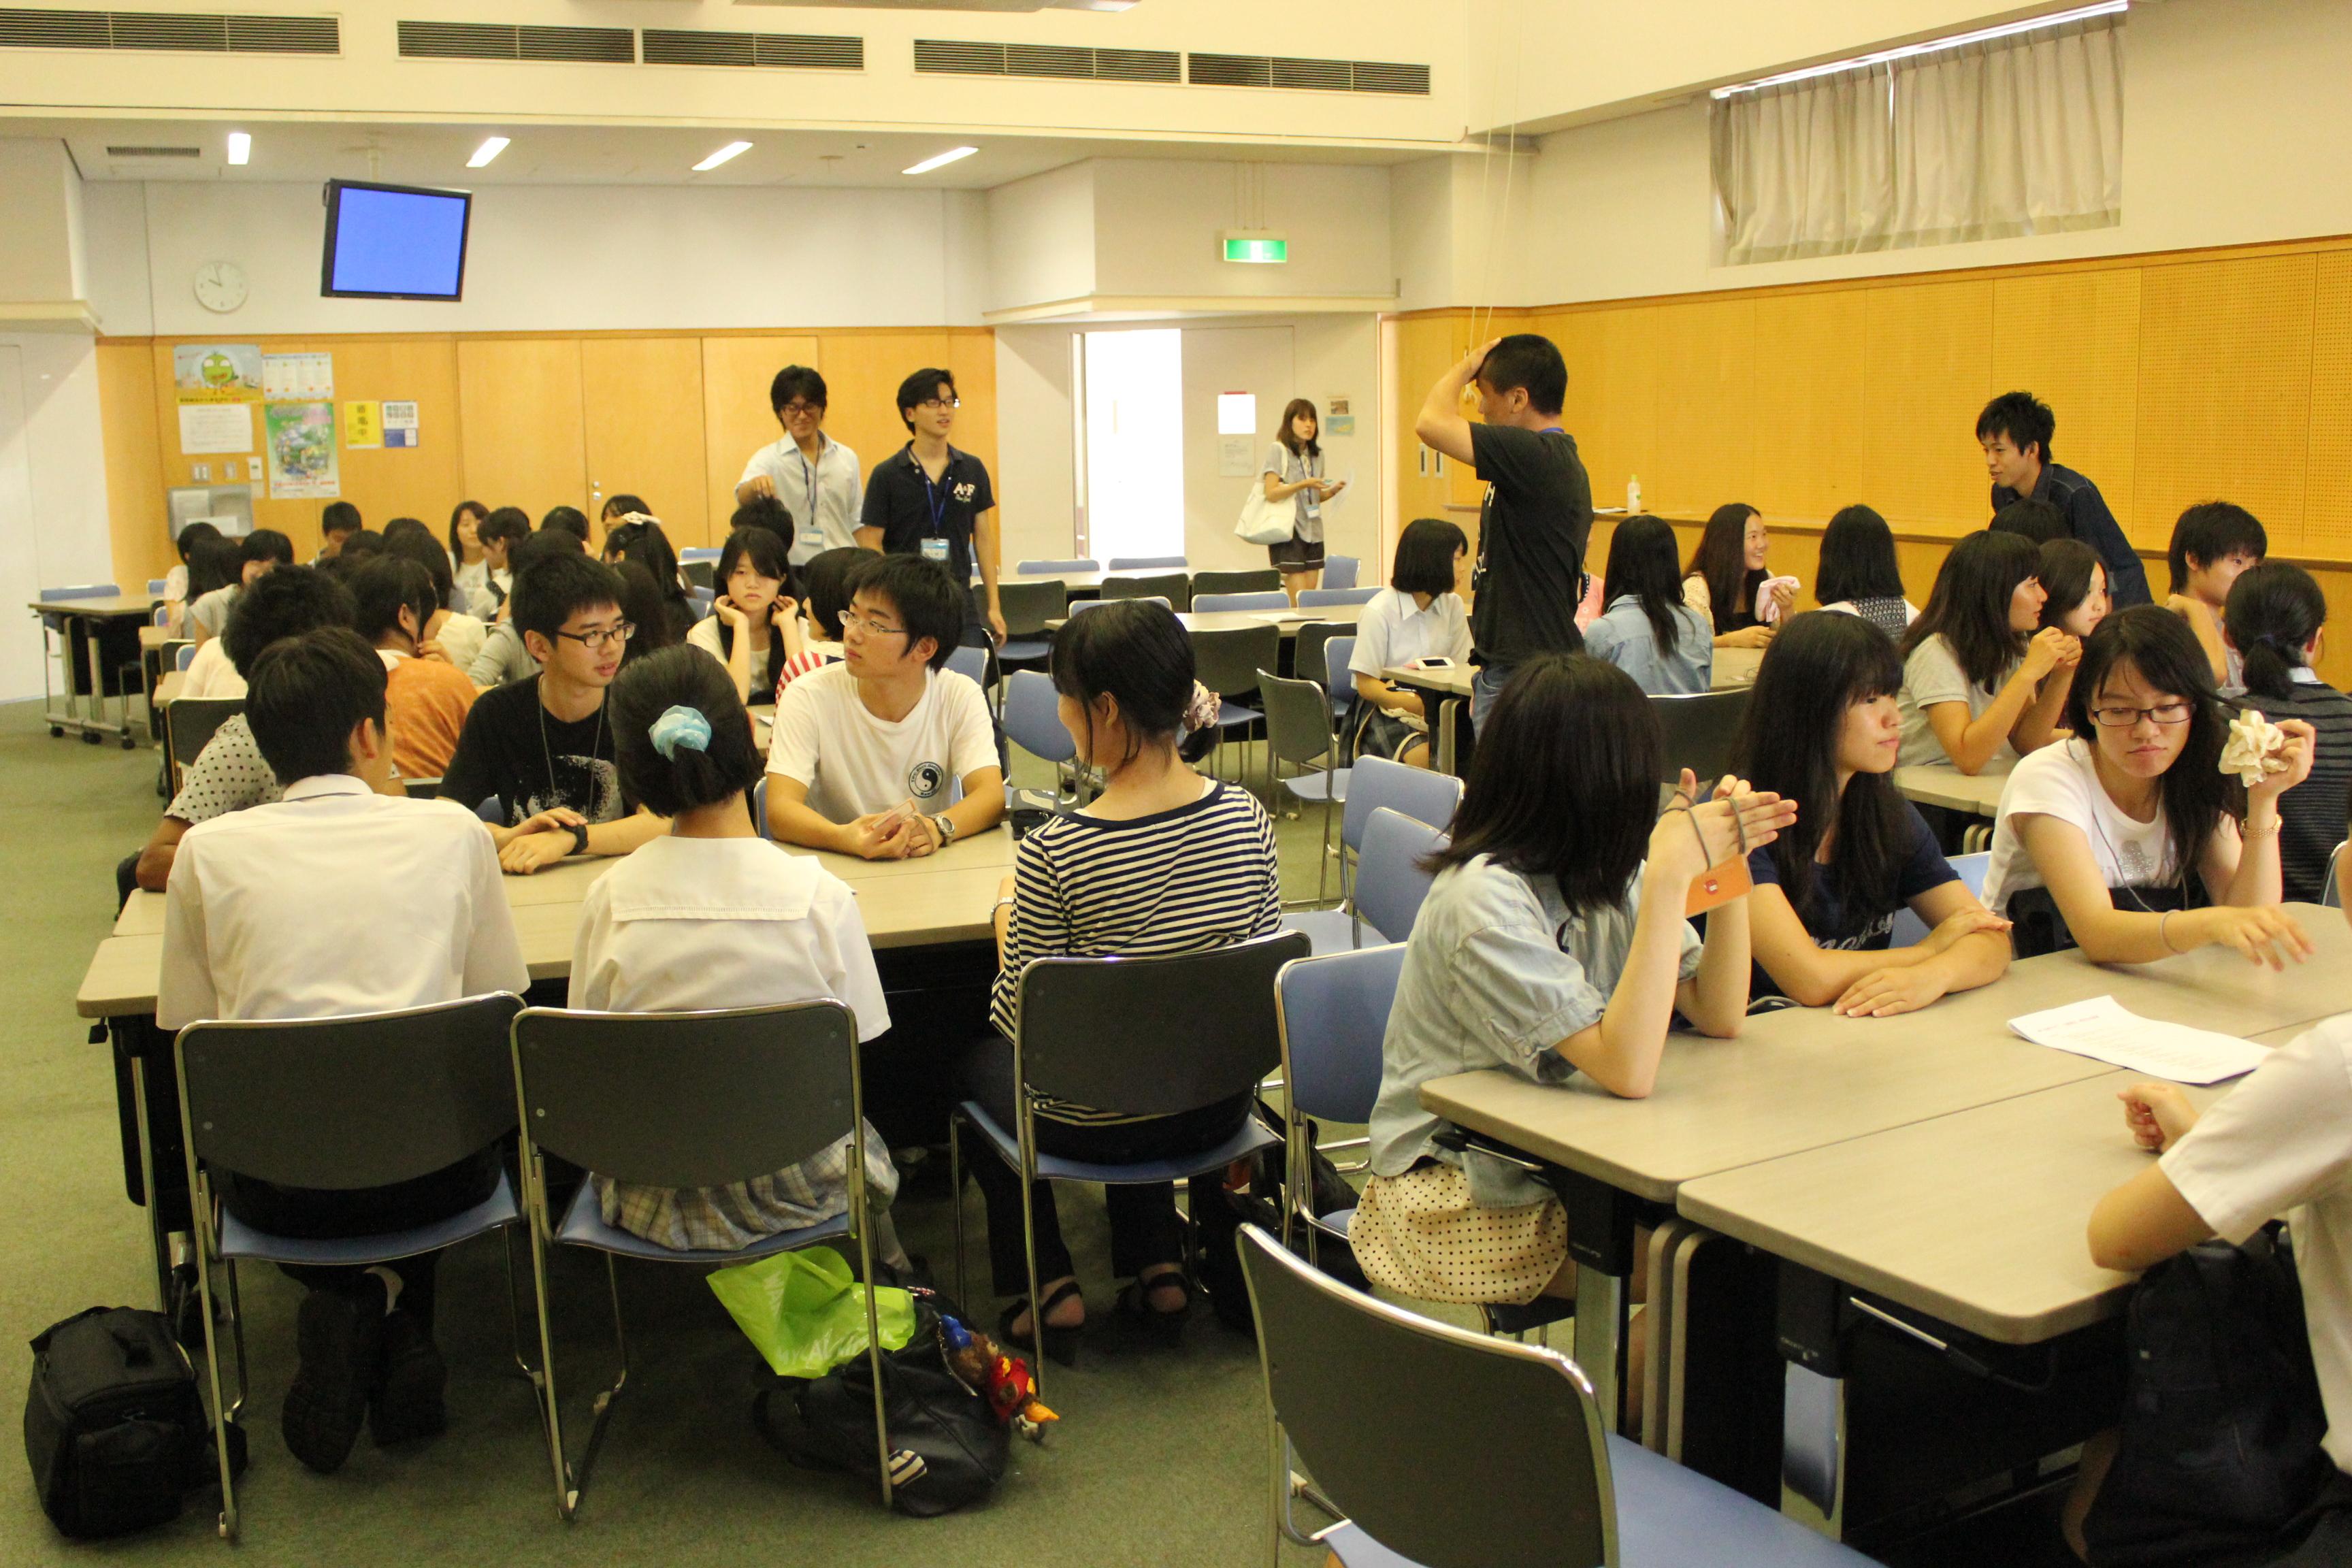 【参加費無料】新高校2・3年生のための受験・進路相談会